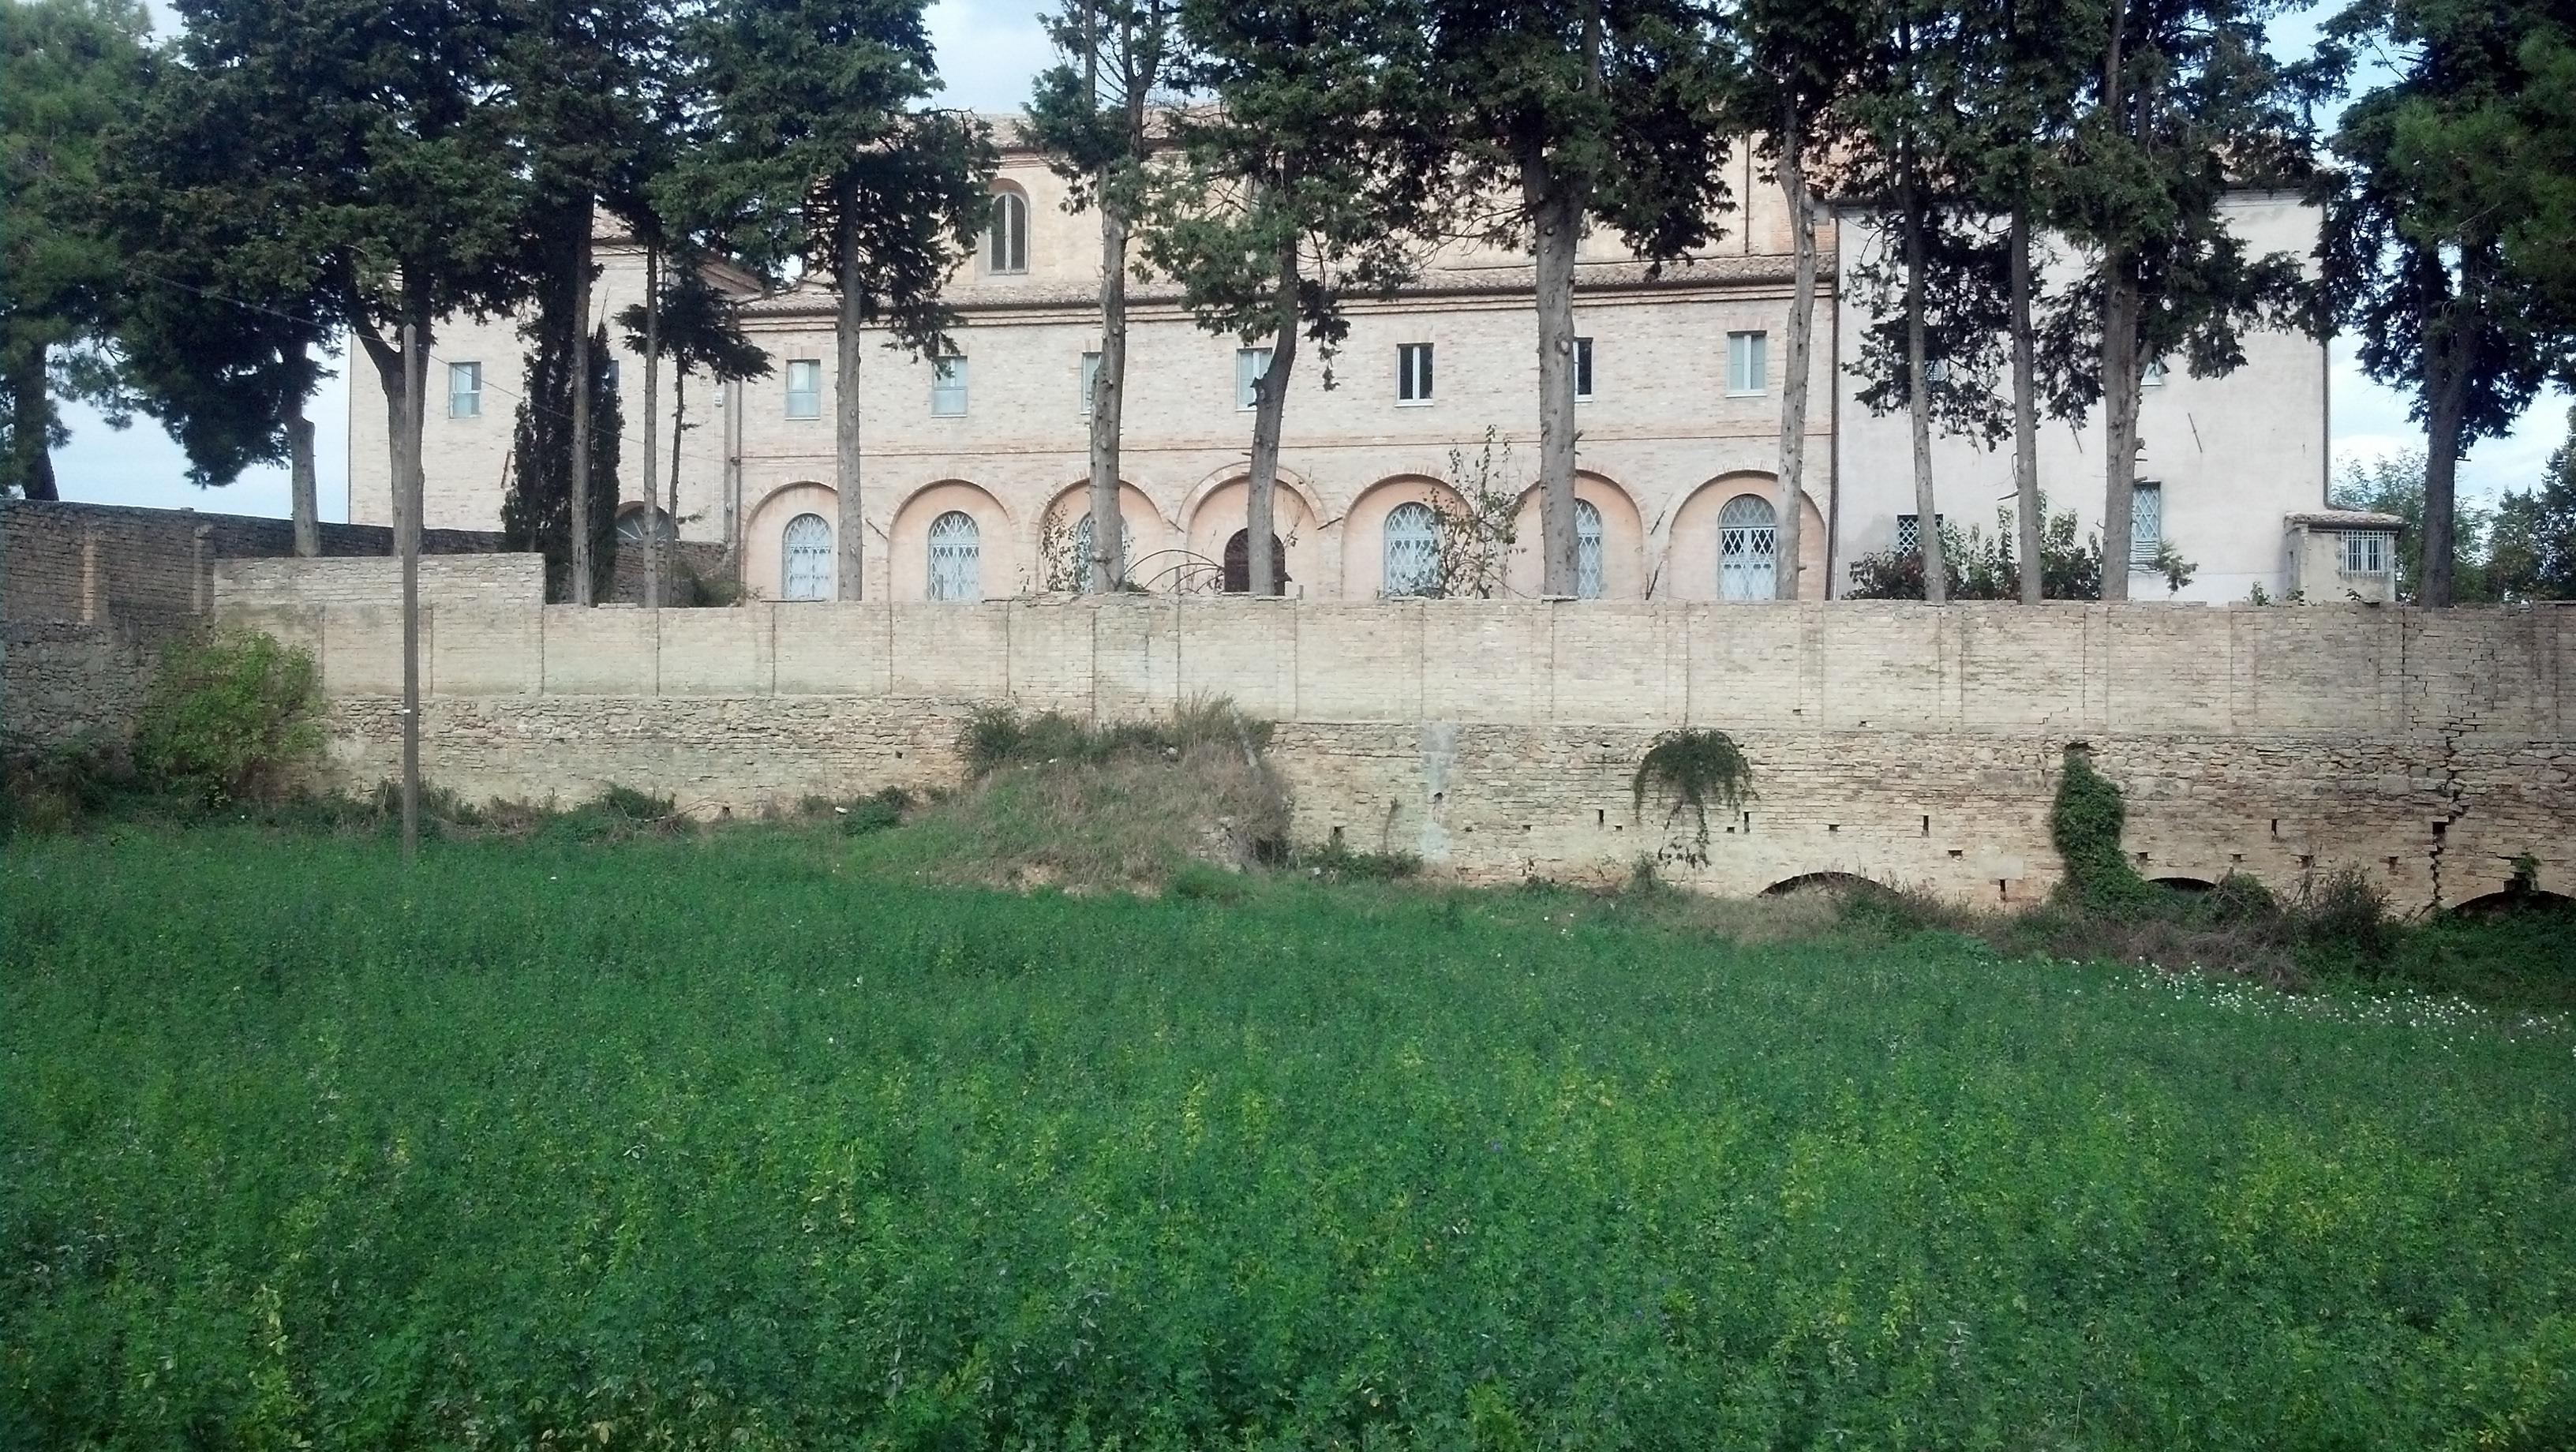 Il Monastero delle Suore Passioniste a Ripatransone, con il giardino incolto